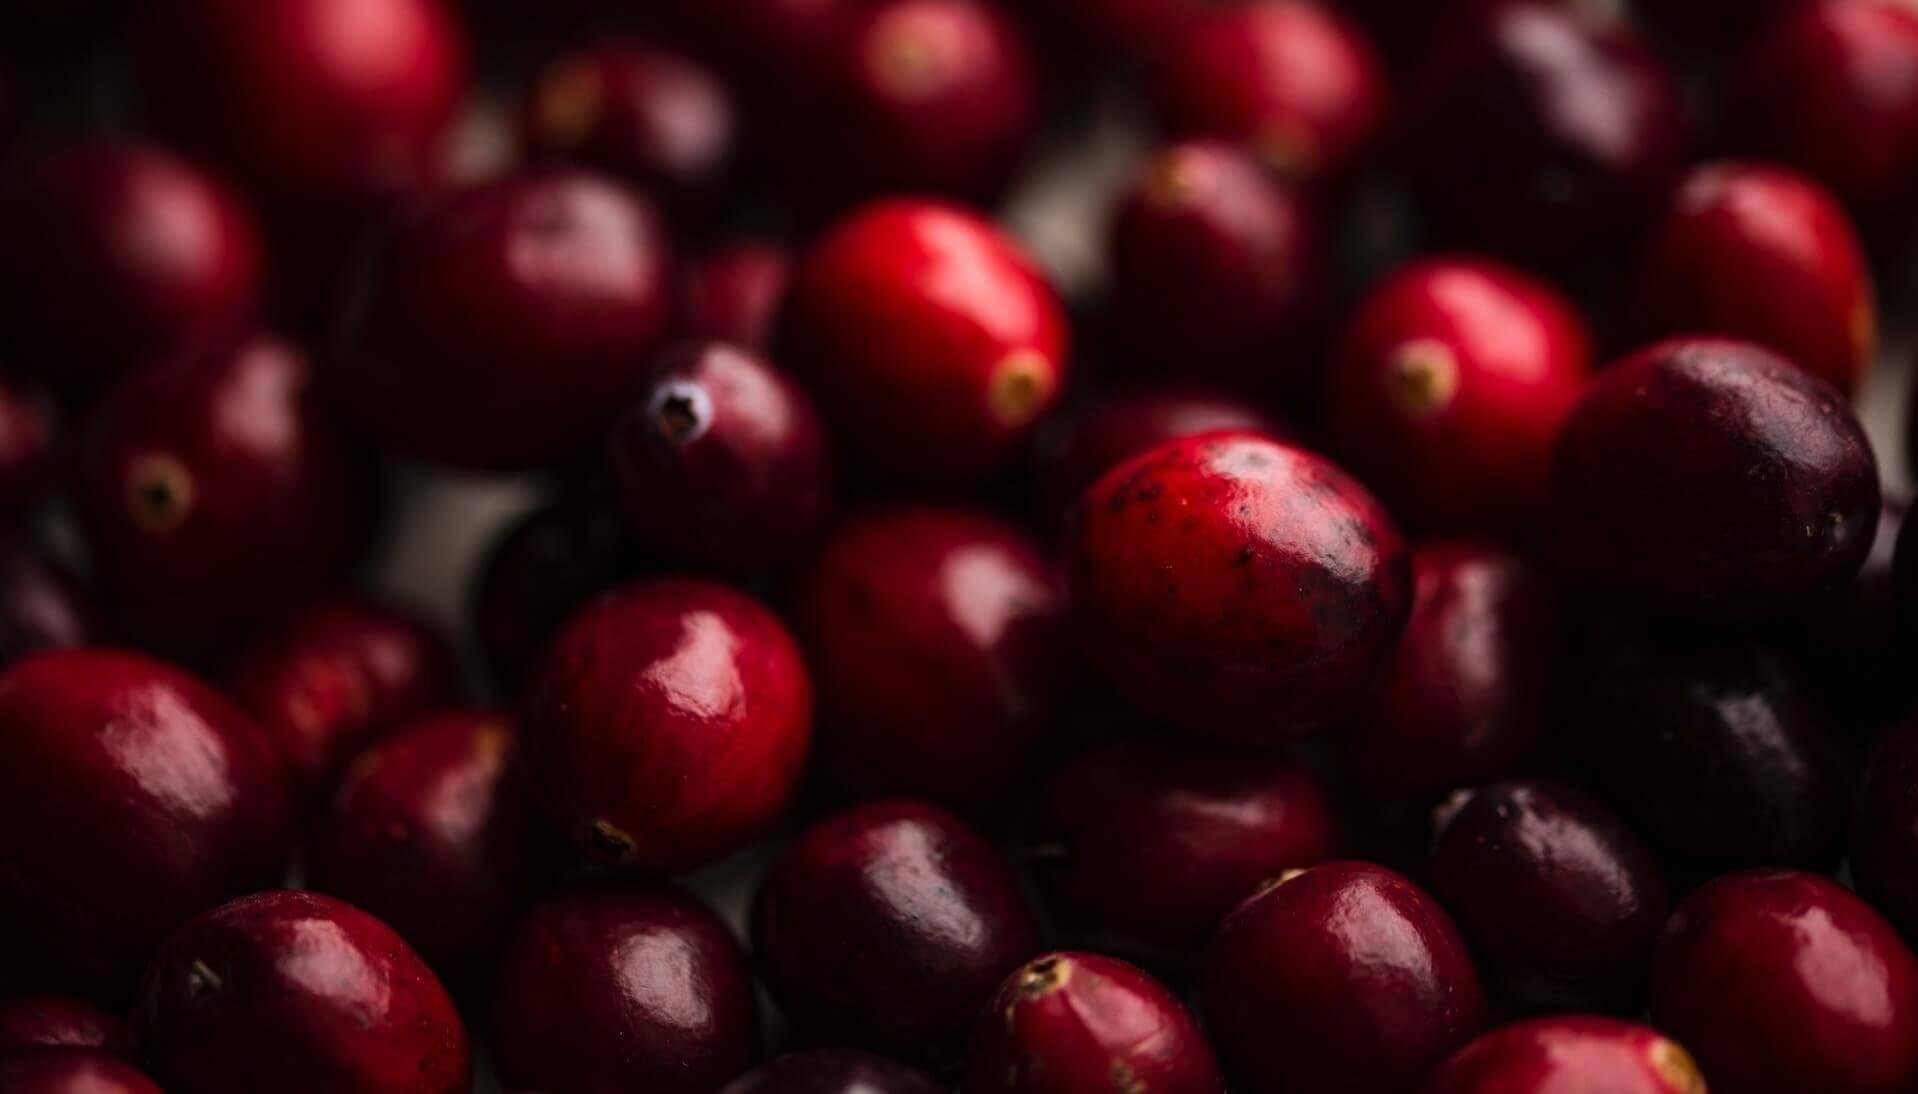 Cranberry gegen Blasenentzündung